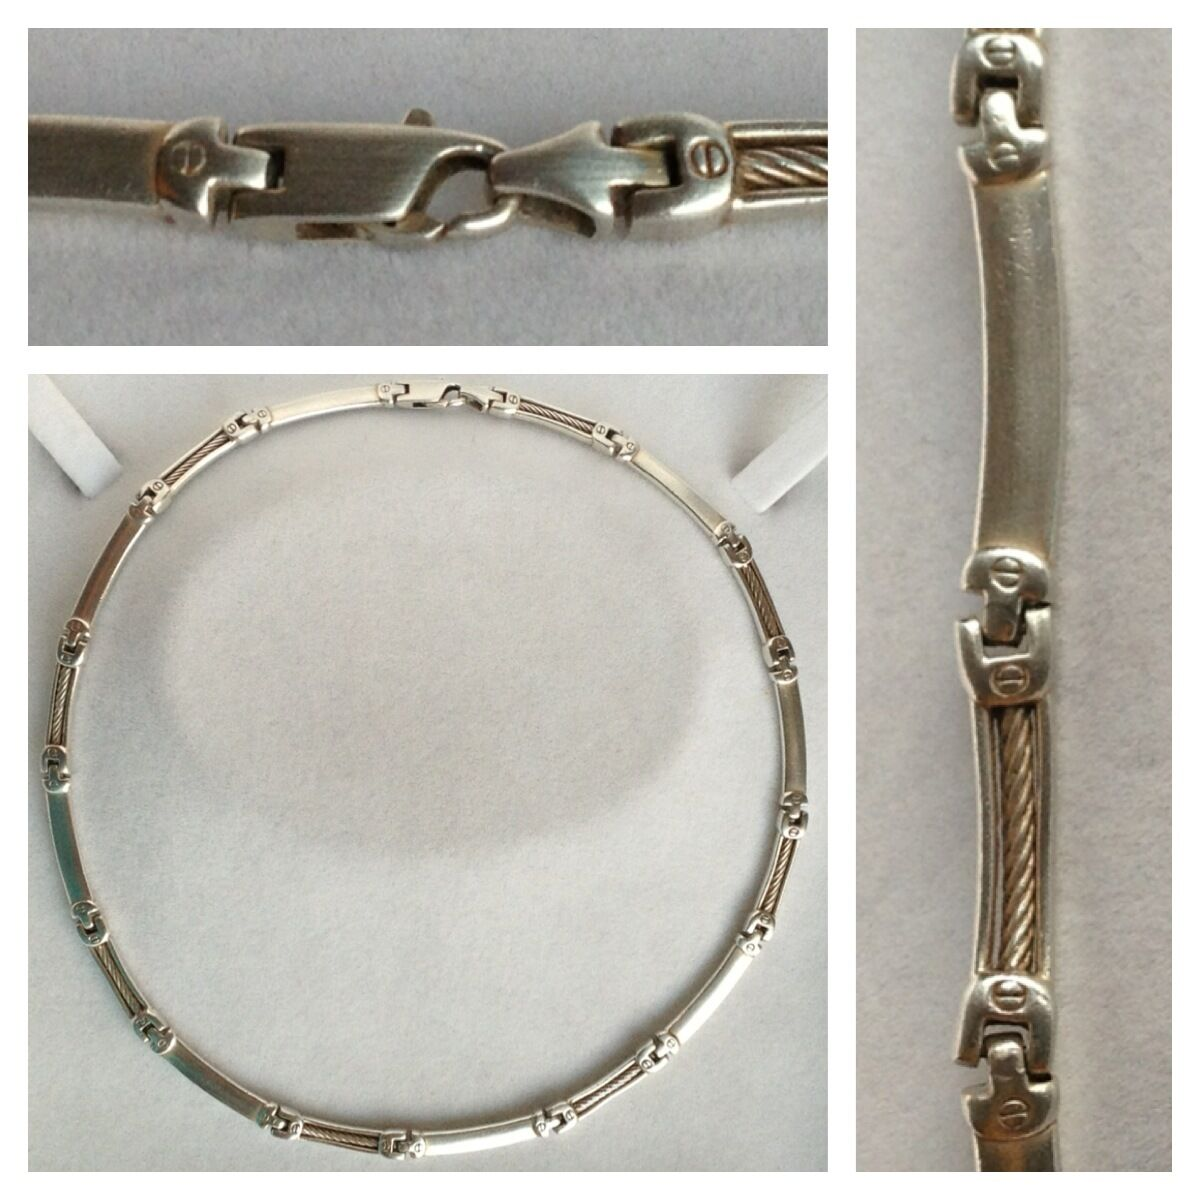 Collier Collier Collier 925 silver chaîne en silver collier en silver